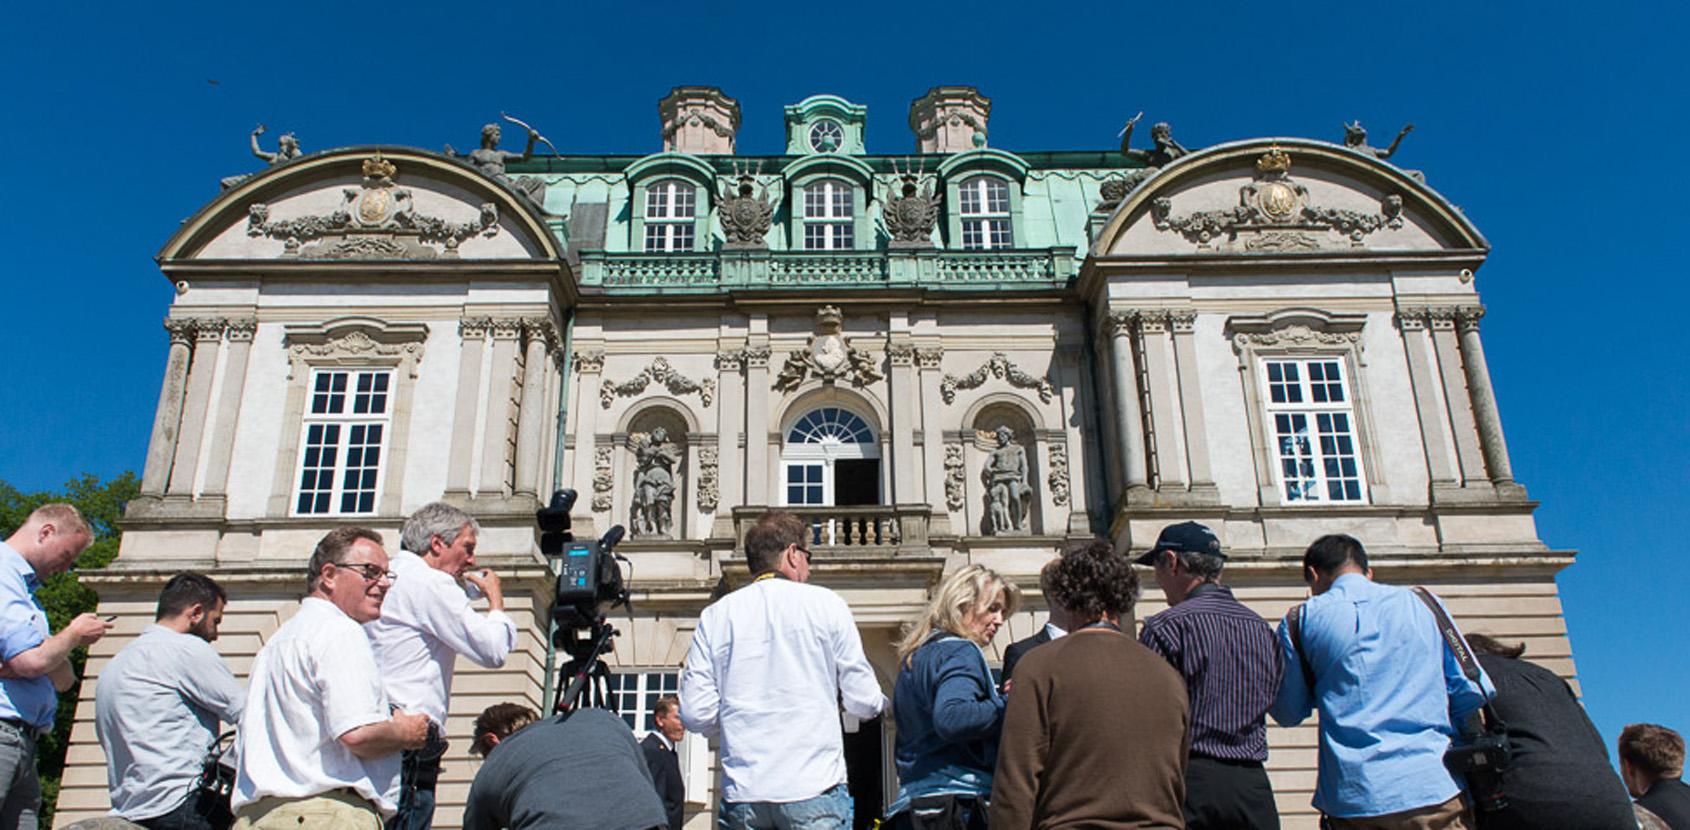 De kongelige slothaver er en eventyrlig scene til shoots. Foto: Thomas Rahbek, SLKE